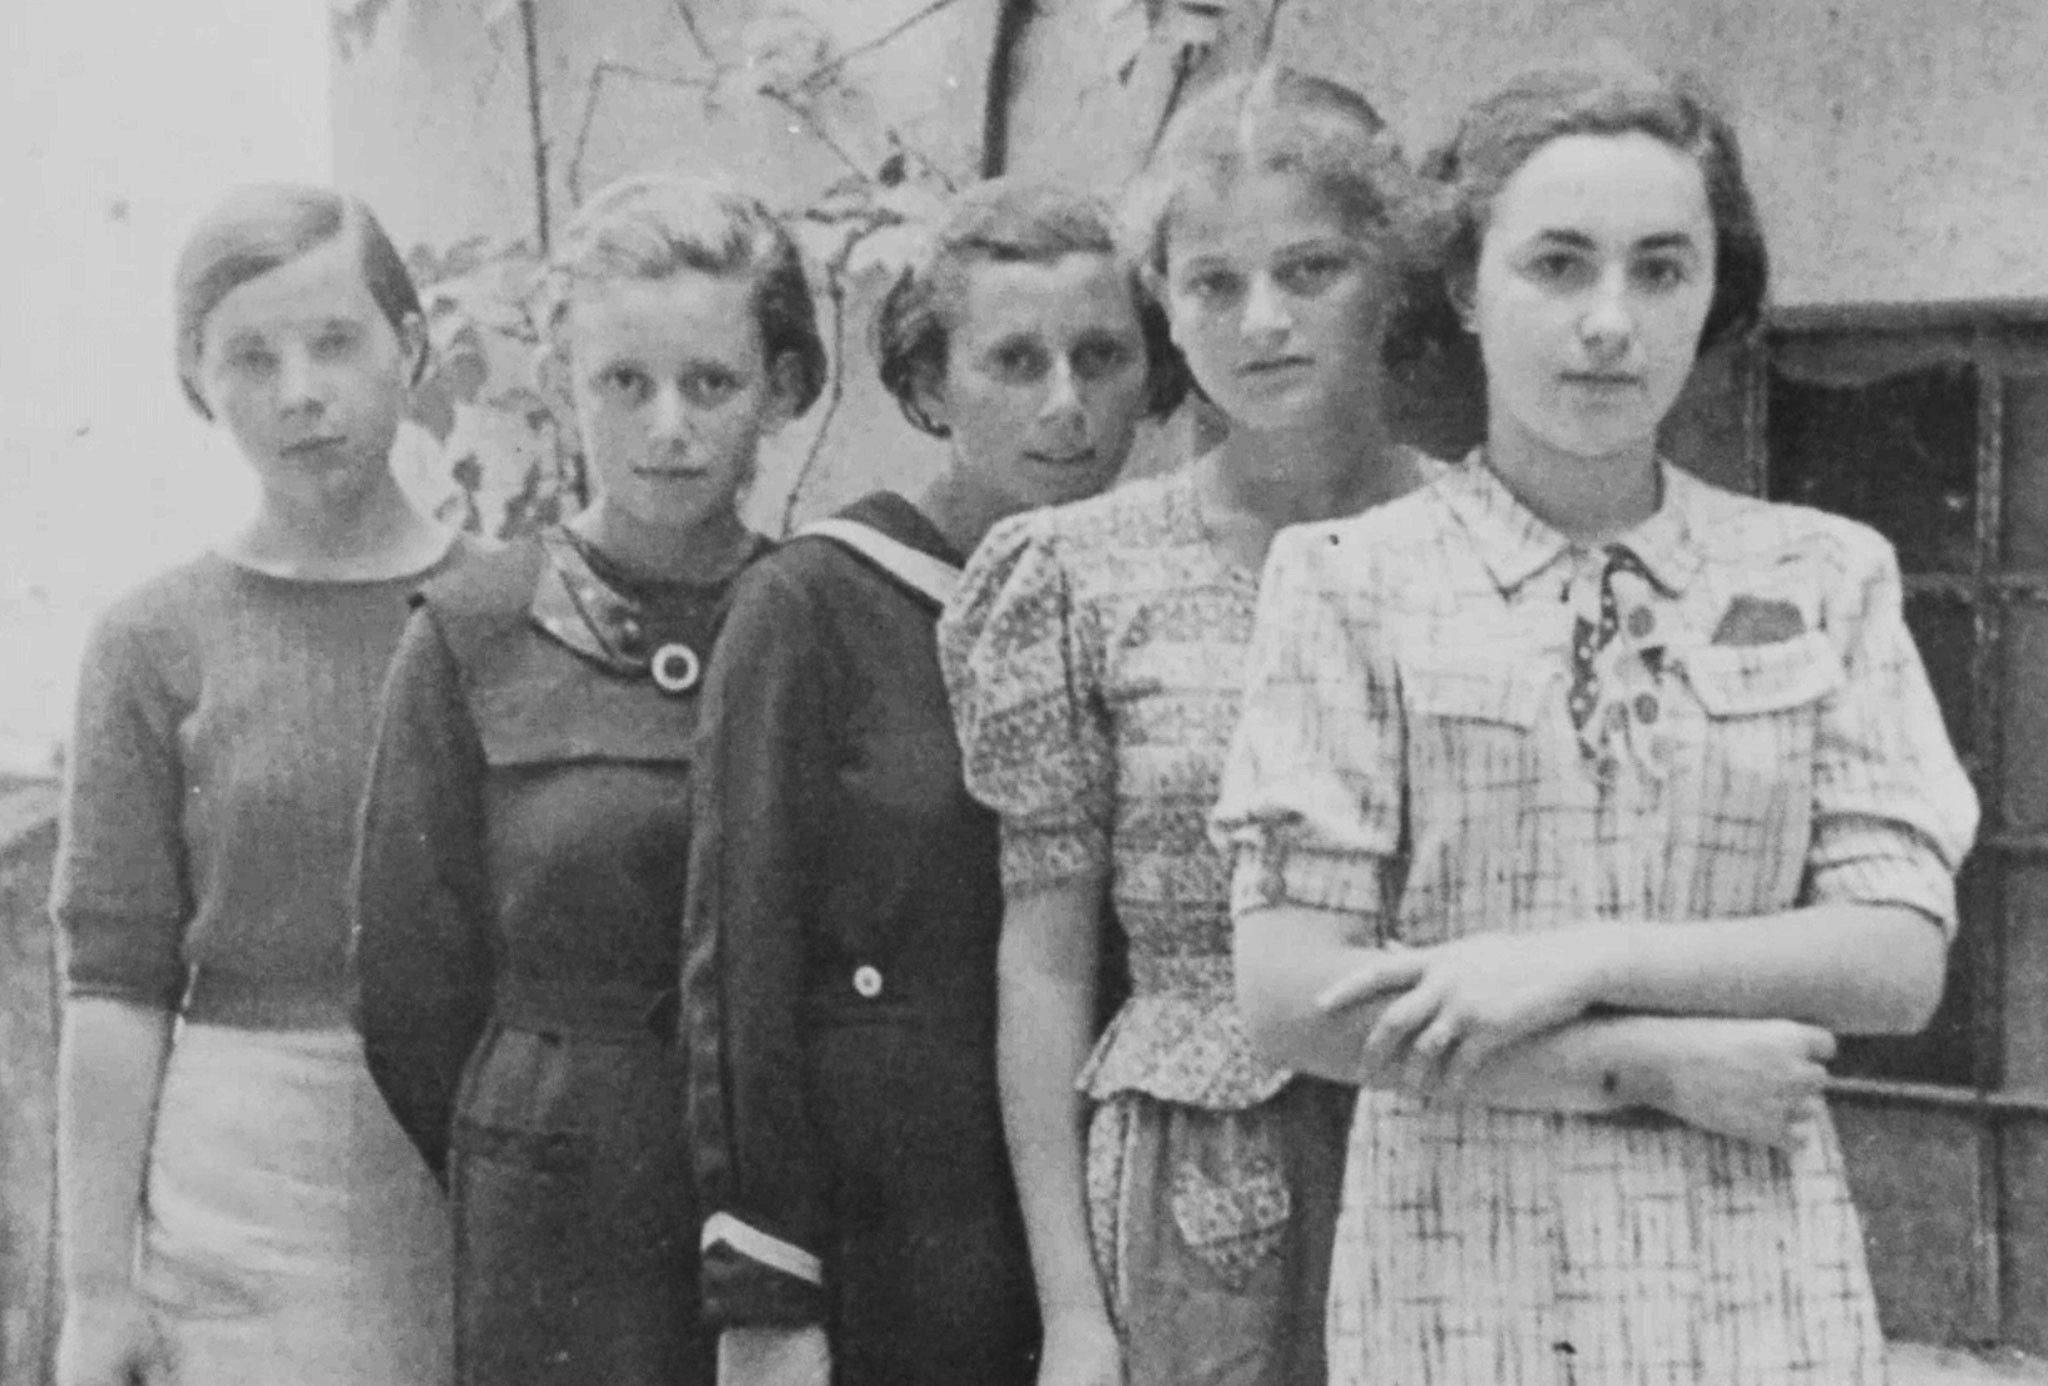 Der erste offiziellen Auschwitz-Transport brachte 999 junge Frauen. Dies ist ihre Geschichte.